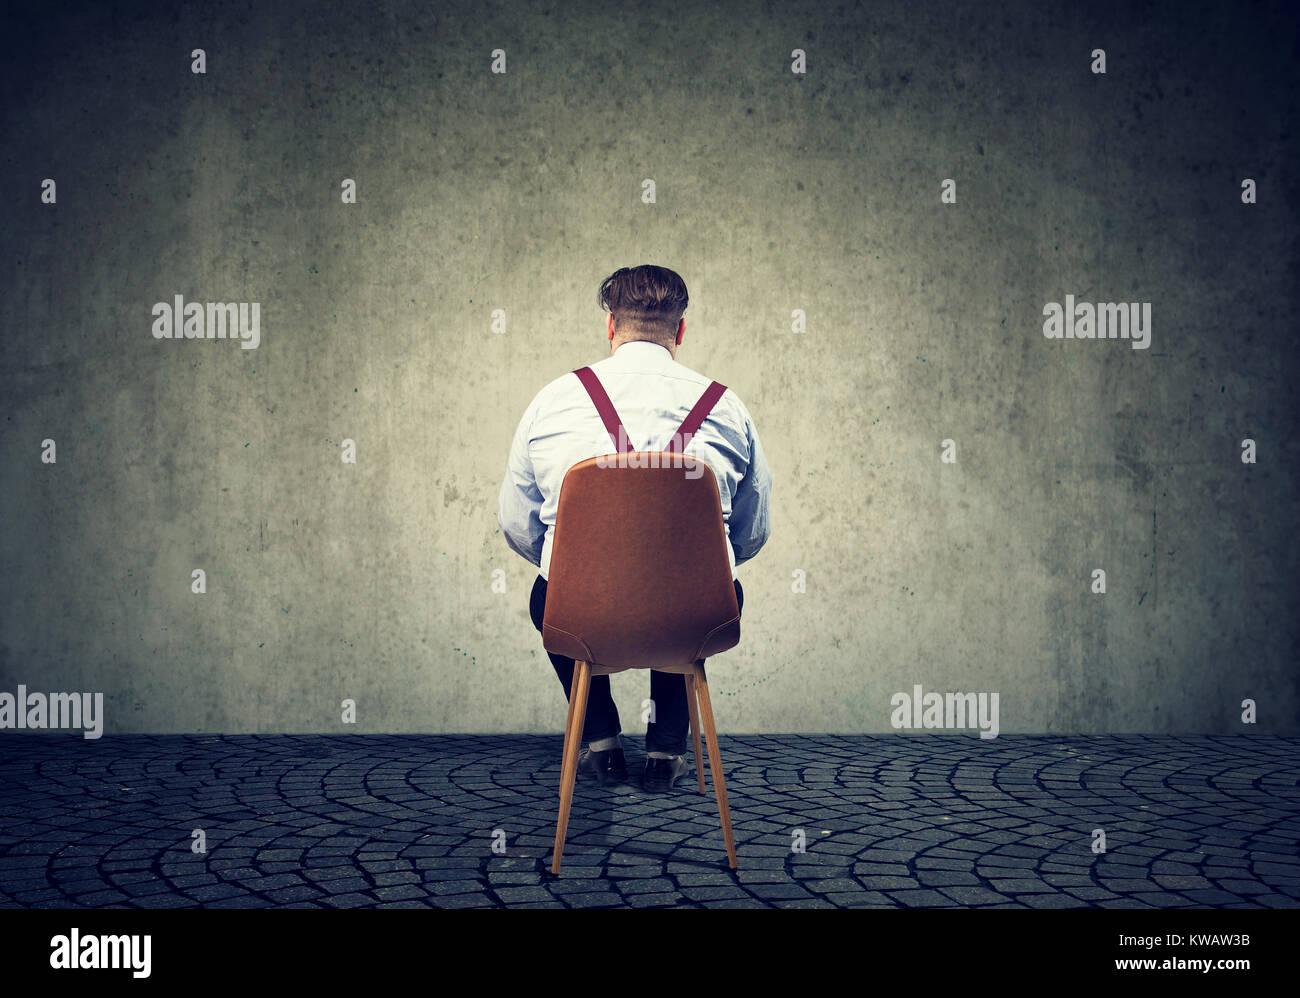 Vista posterior del hombre sentado en una silla mirando la pared gris de hormigón teniendo problemas. Imagen De Stock